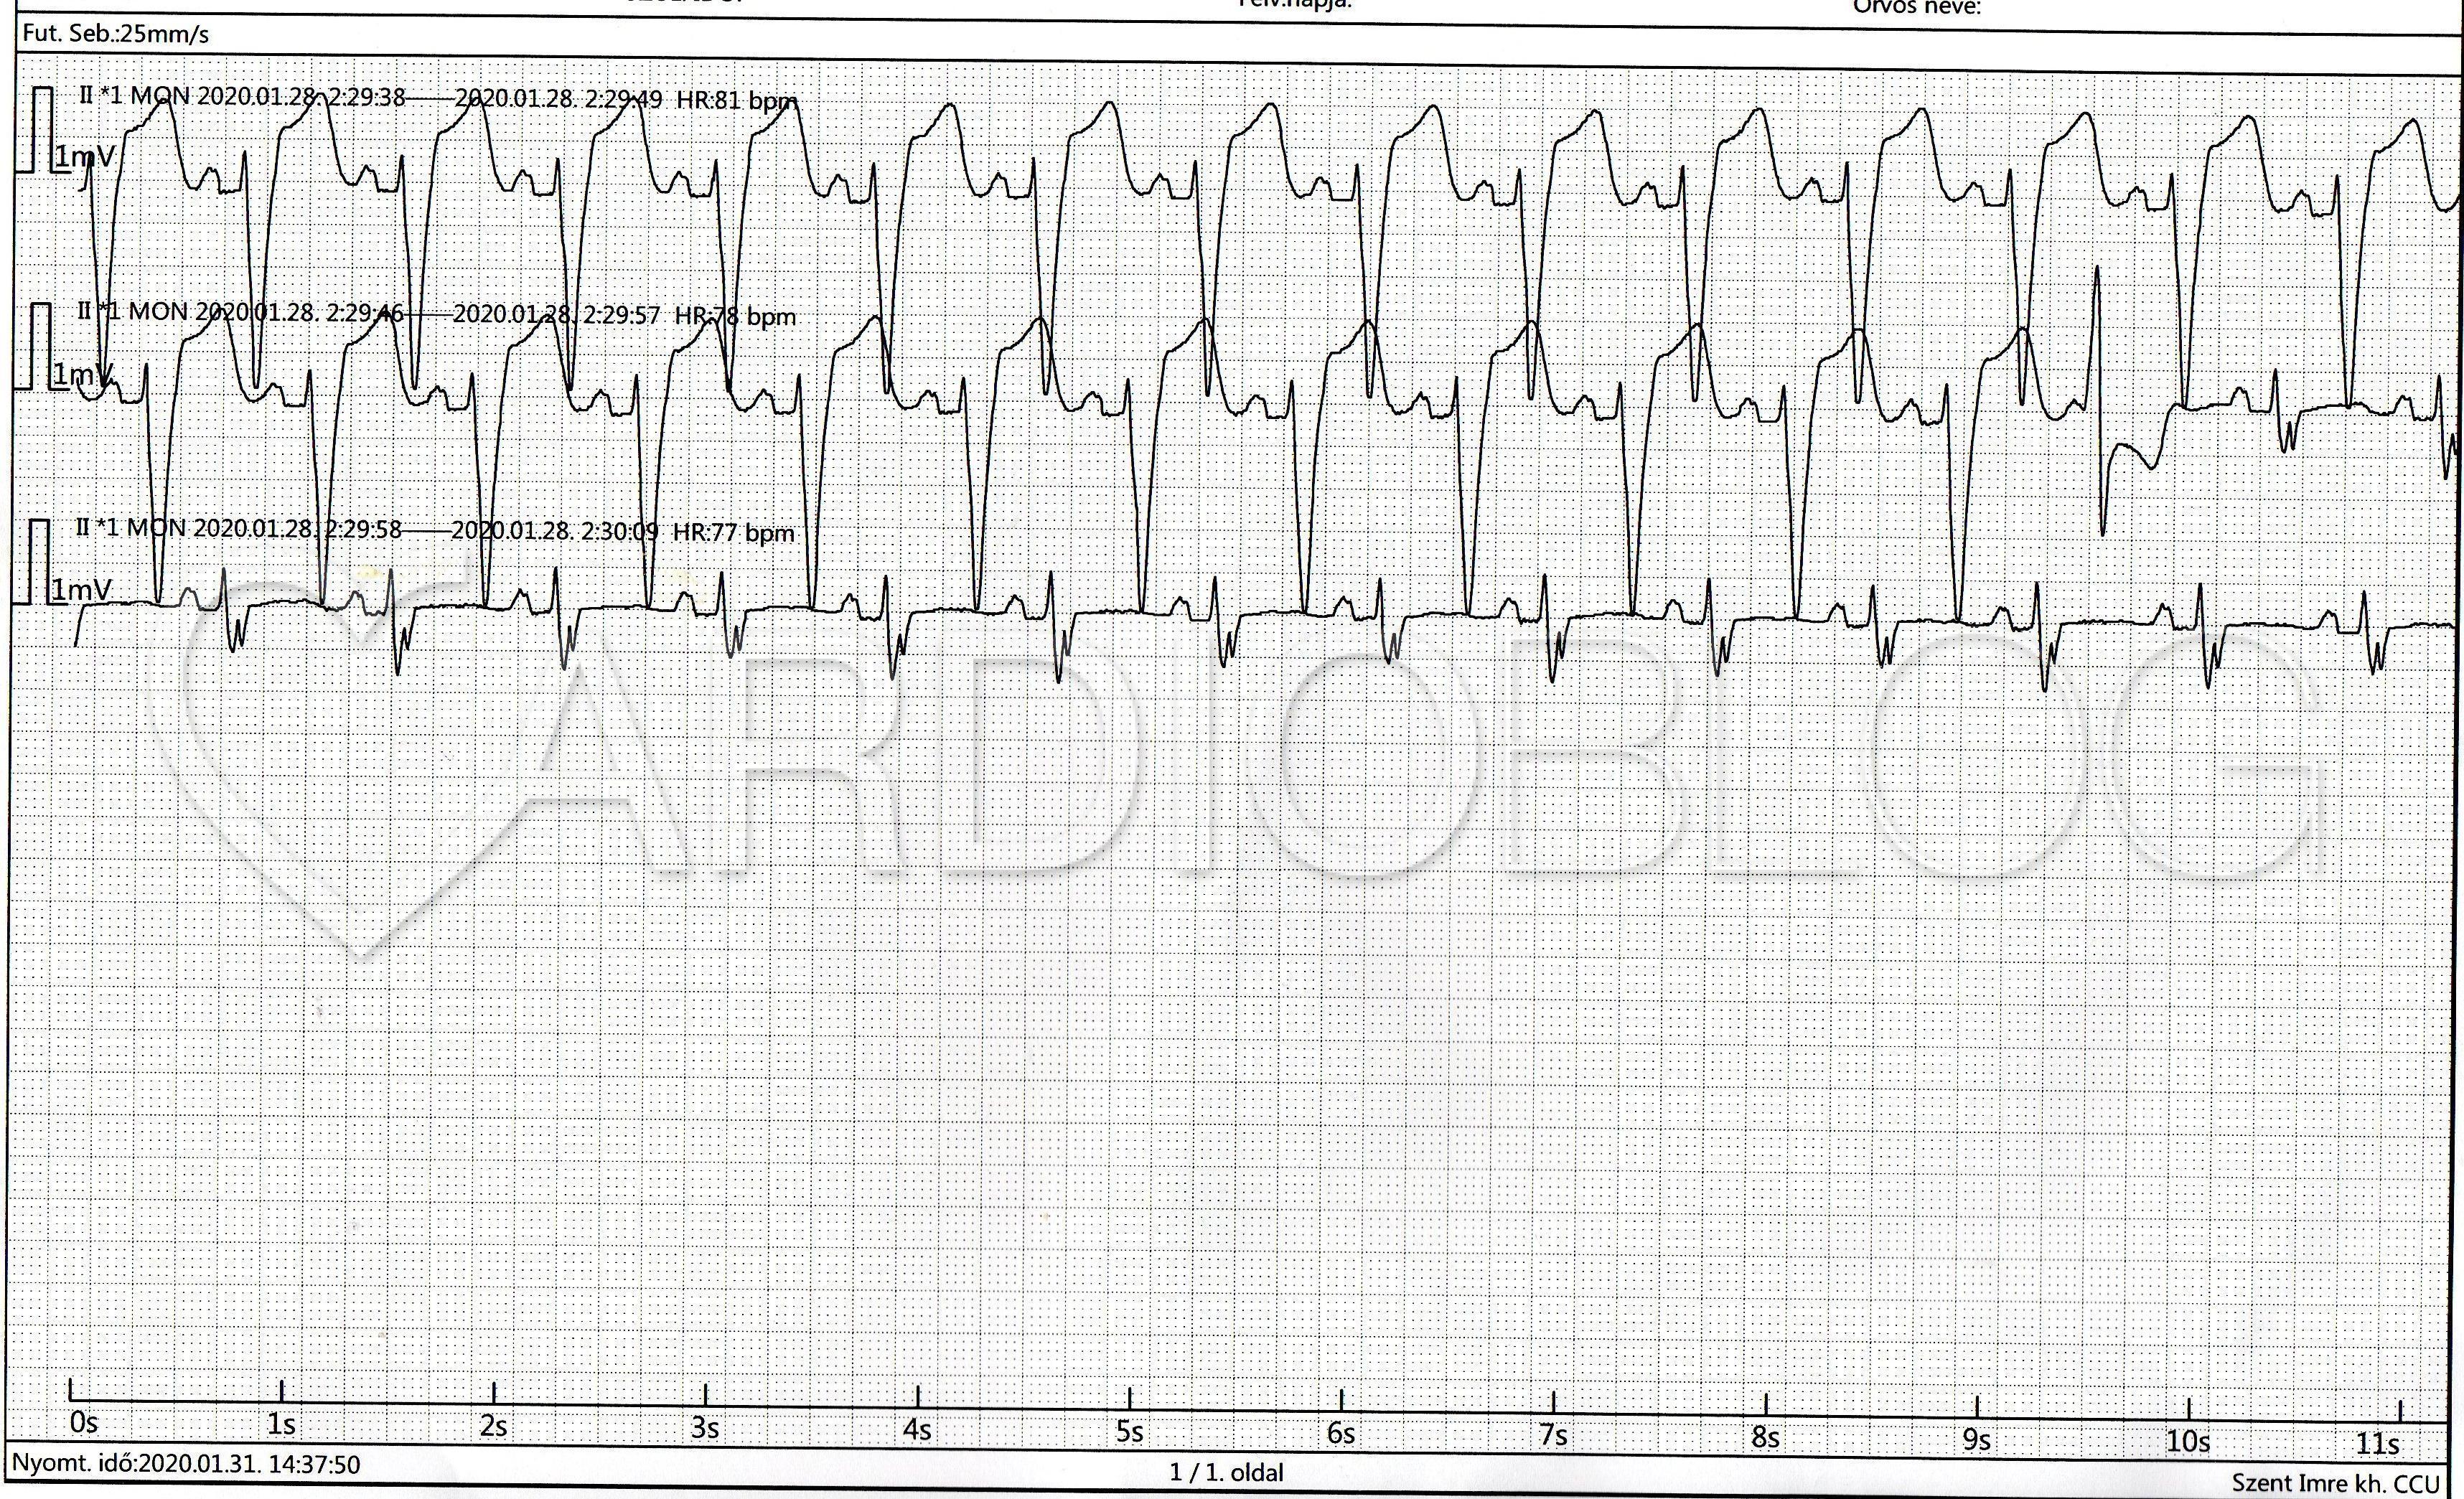 Szívritmuszavar tünetei, kivizsgálása, kezelése - KardioKözpont